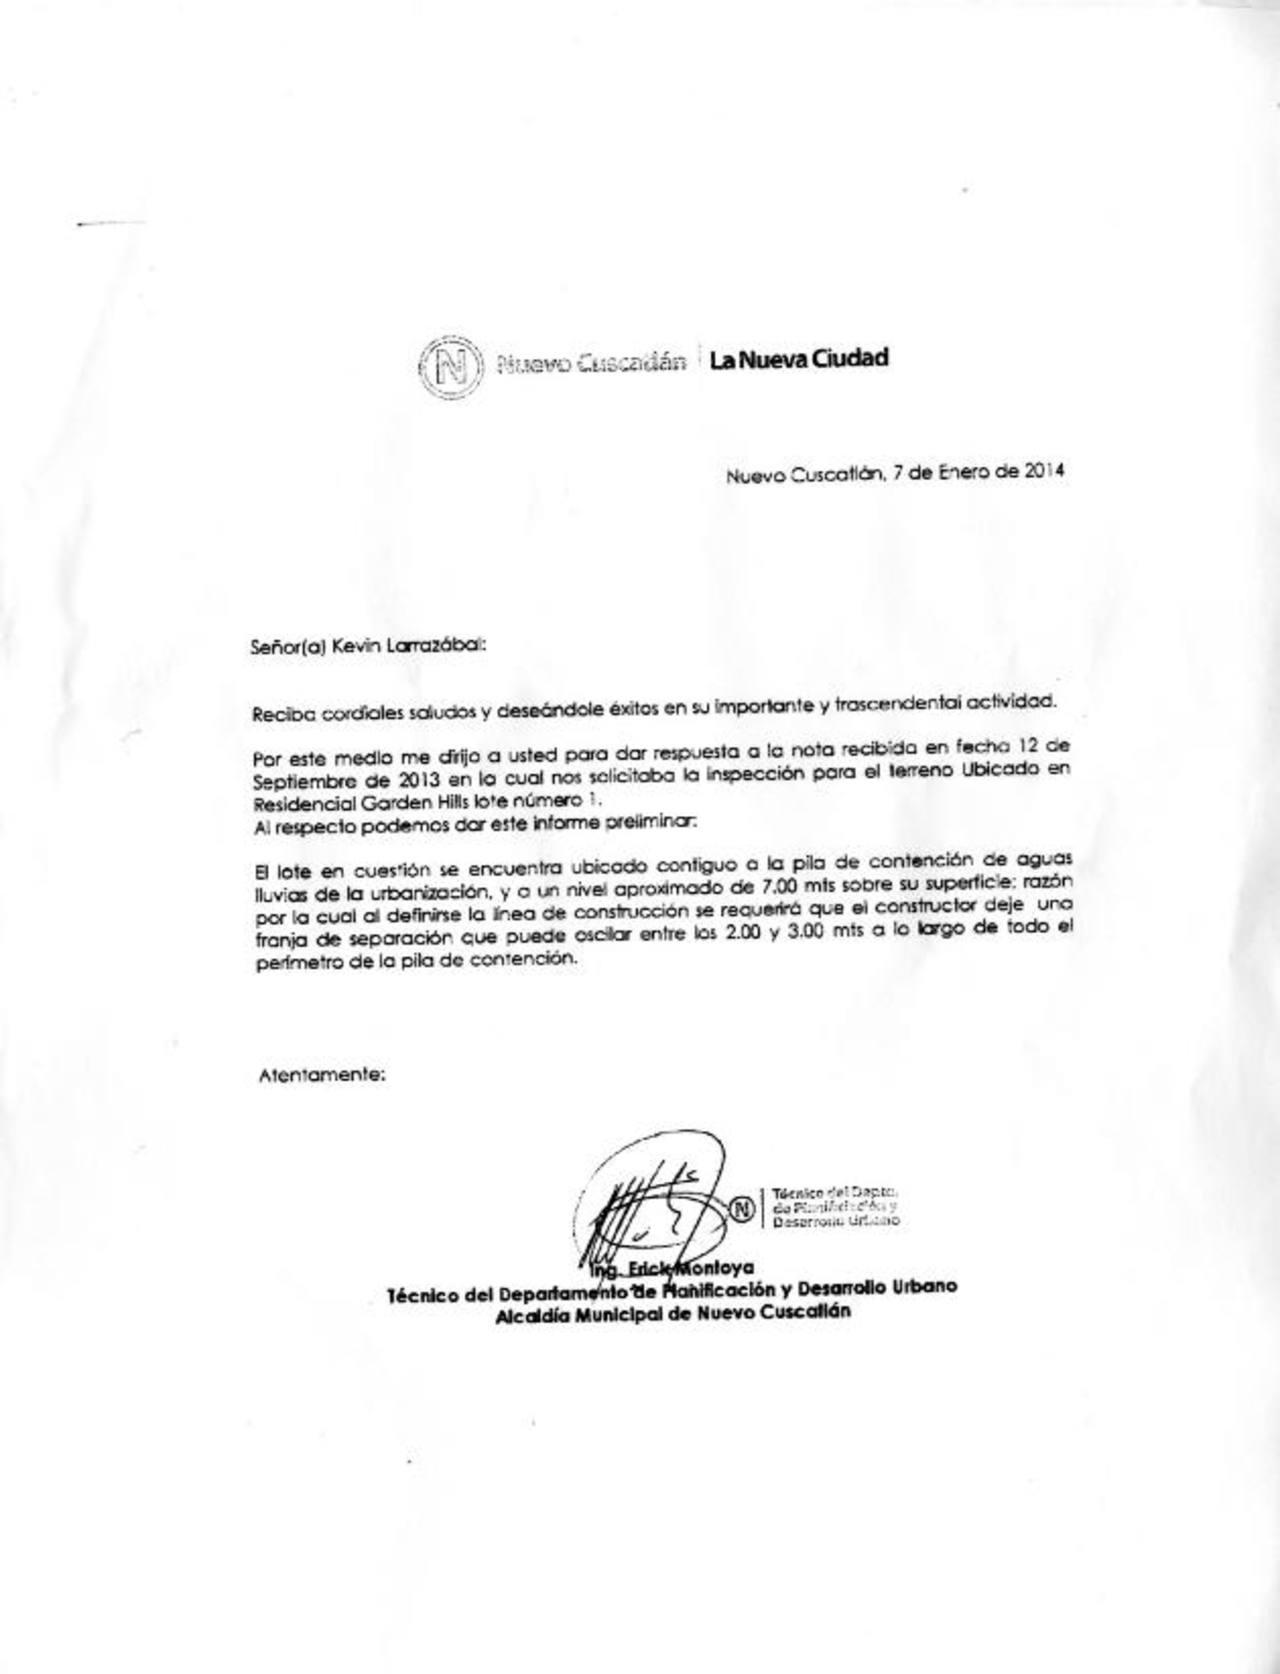 Notificación enviada por la alcaldía de Nuevo Cuscatlán a Kevin Larrazábal, por la cual, según representantes del IPSFA, se le hizo una rebaja de $15 mil al lote 1 en la residencial Garden Hills.